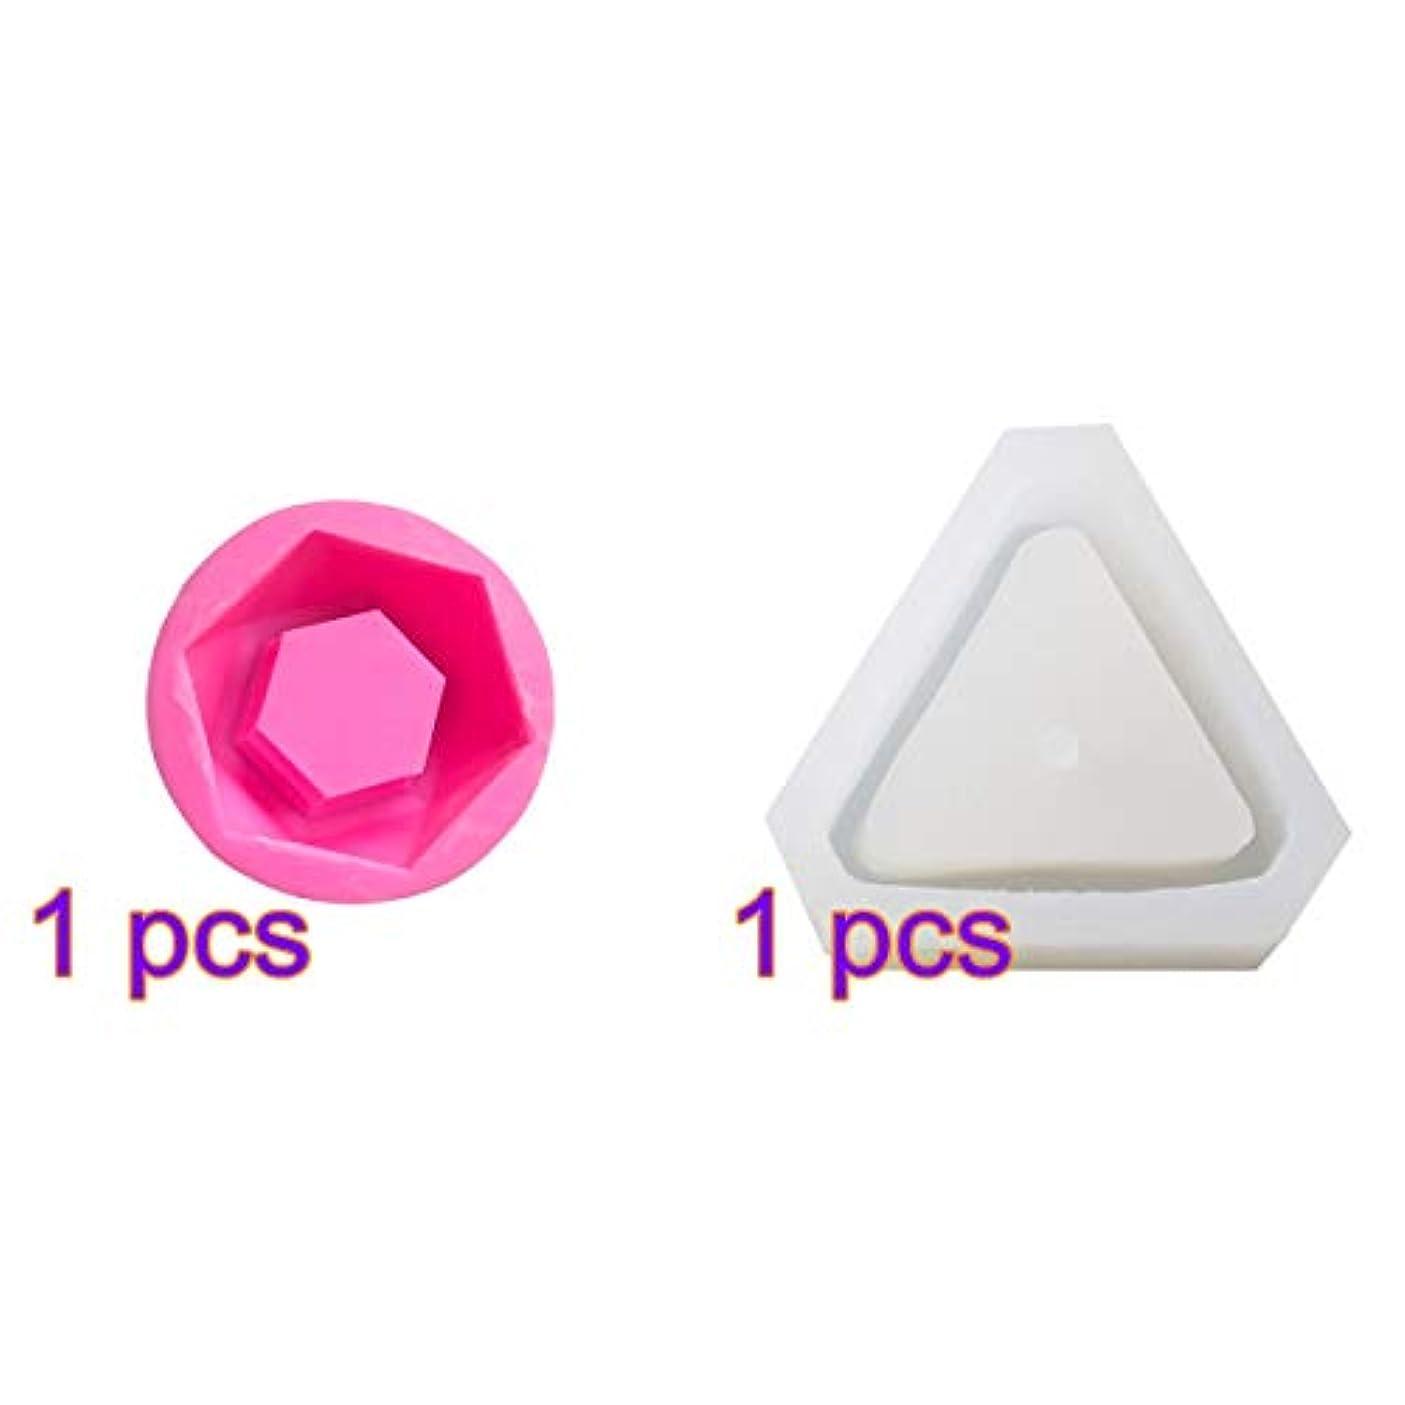 ランチョン愛消費SUPVOX シリコーン金型多肉植物植物セメントプランター金型ホームインテリア(三角形+ダイヤモンド)